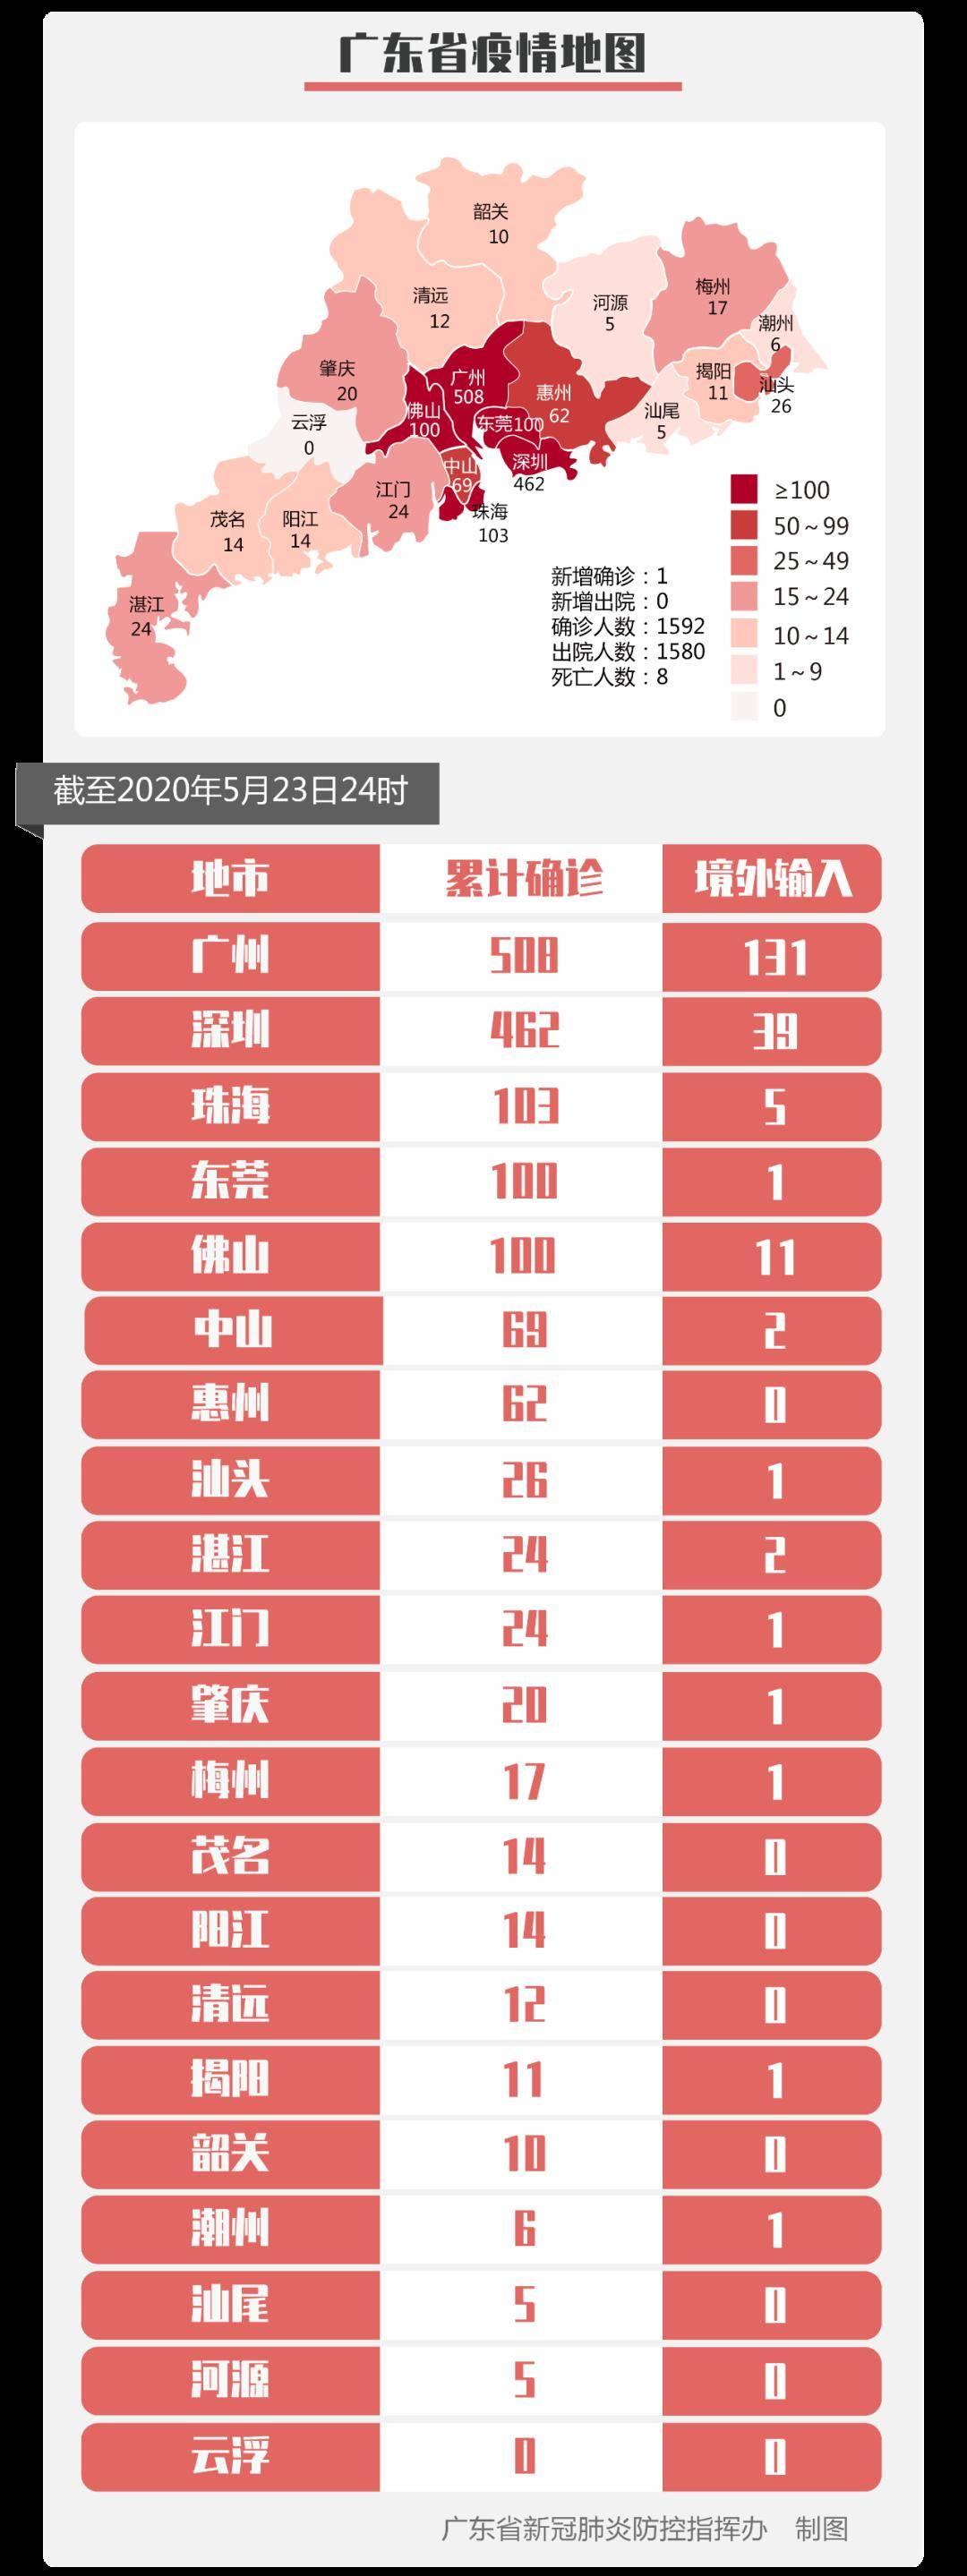 2020年5月24日广东省新冠肺炎疫情情况